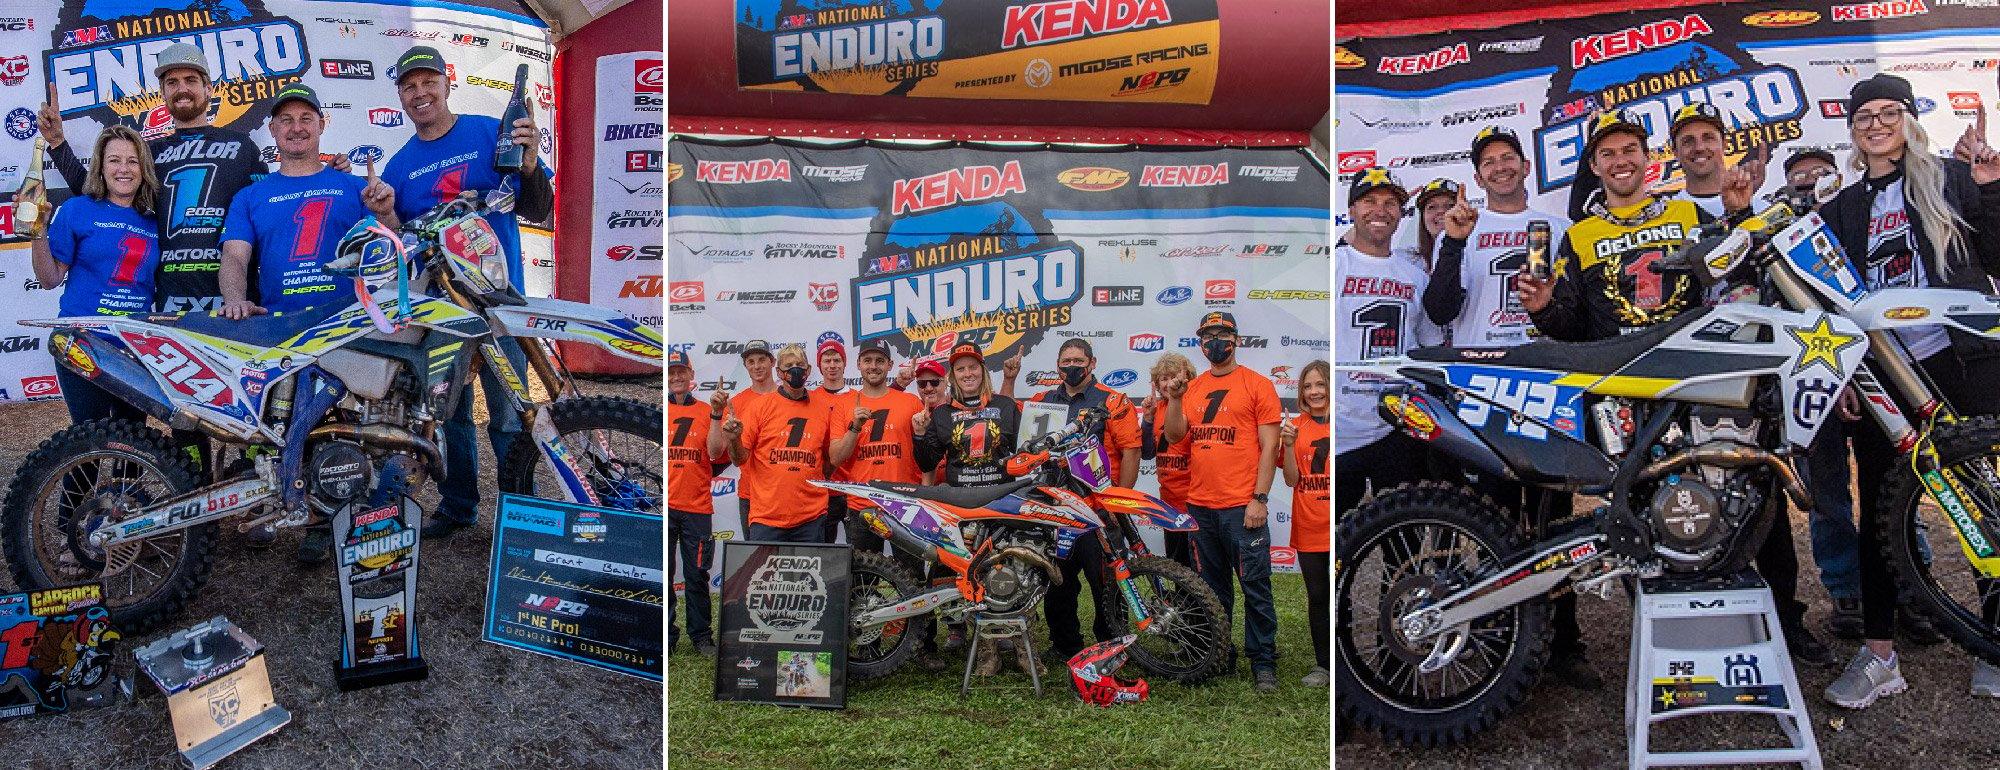 National Enduro - Blog Championship Photo_Champ 3